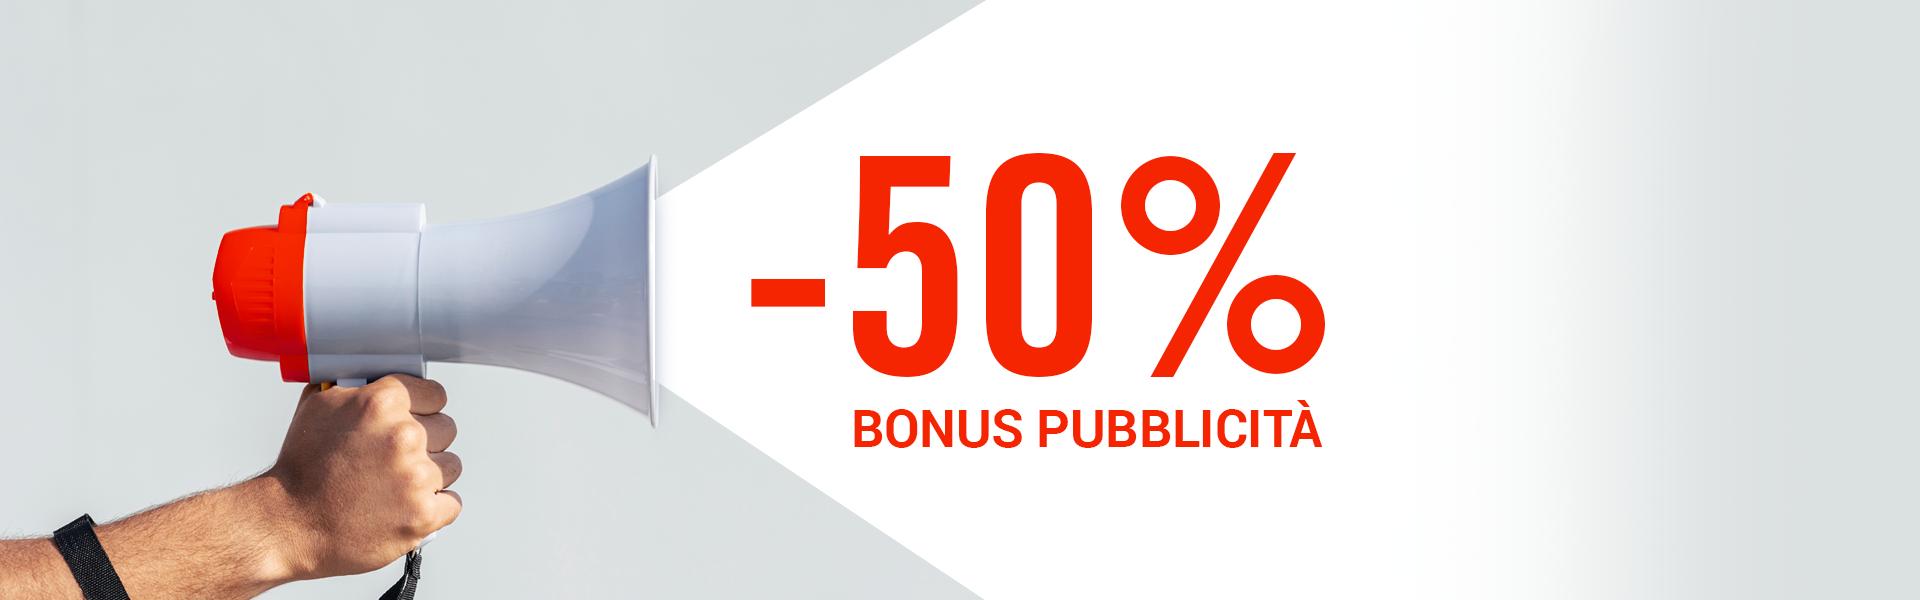 -50% bonus pubblicità